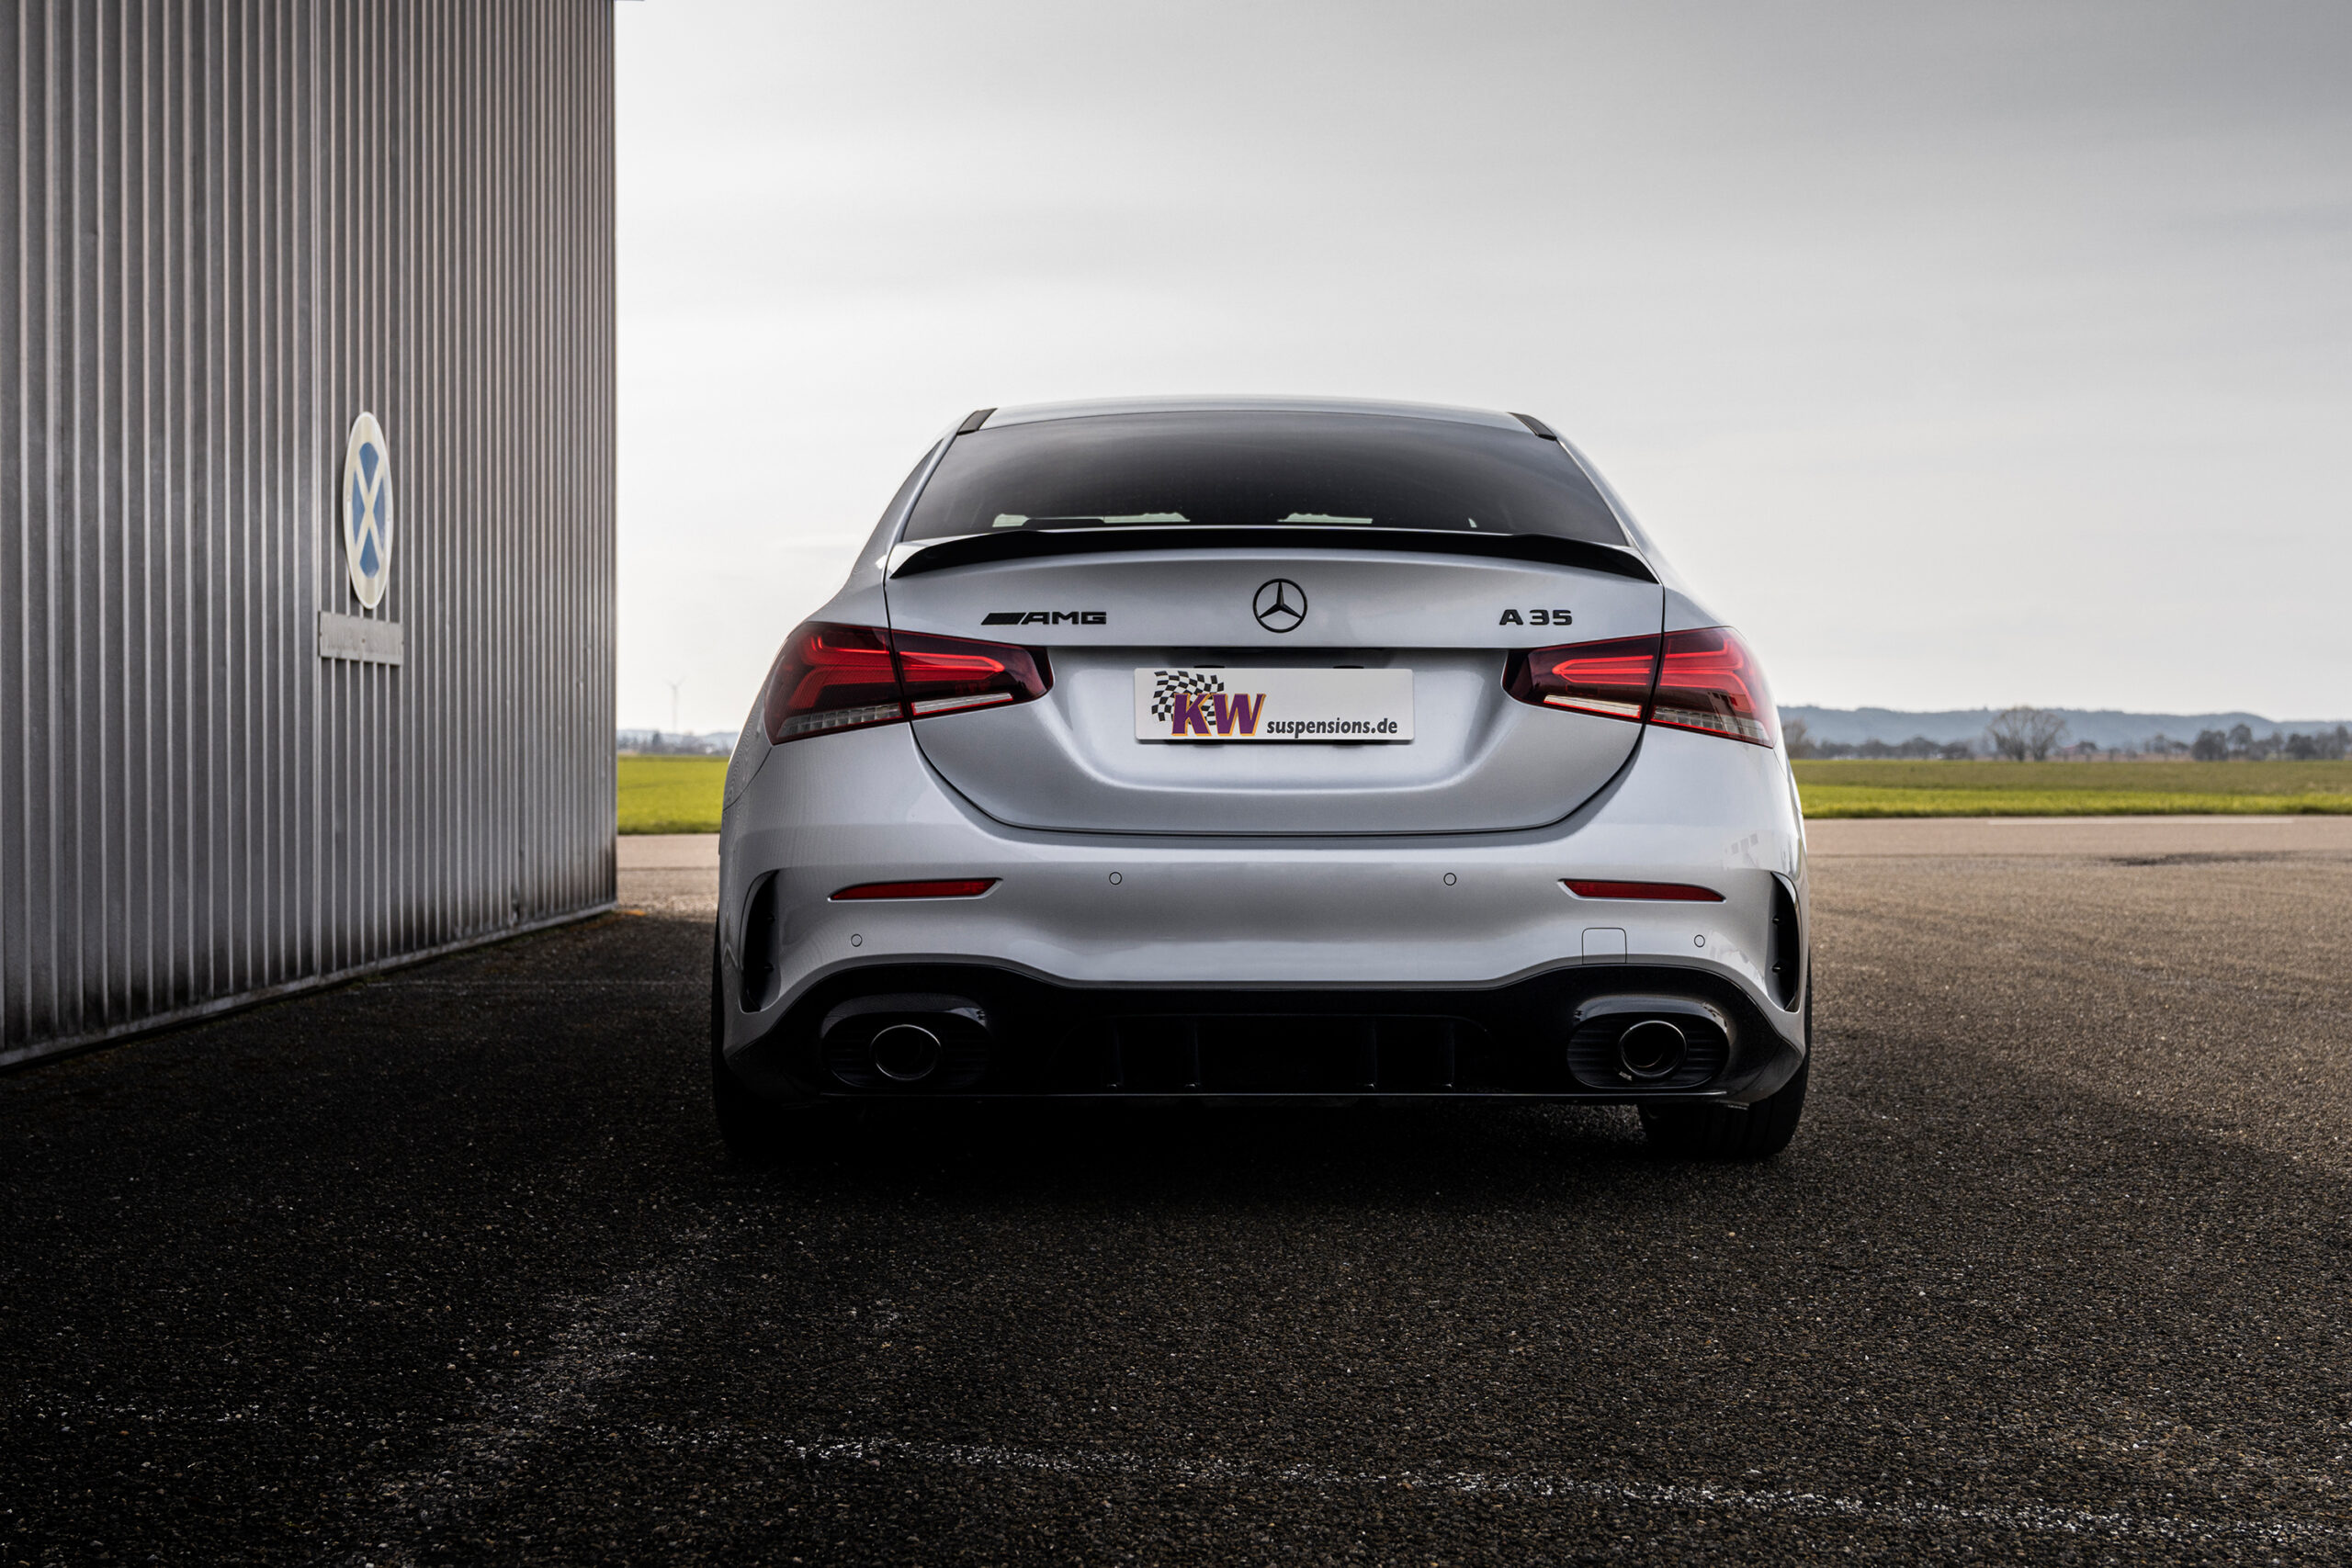 Fahrdynamikupdate für A-Klasse Modelle von KW automotive